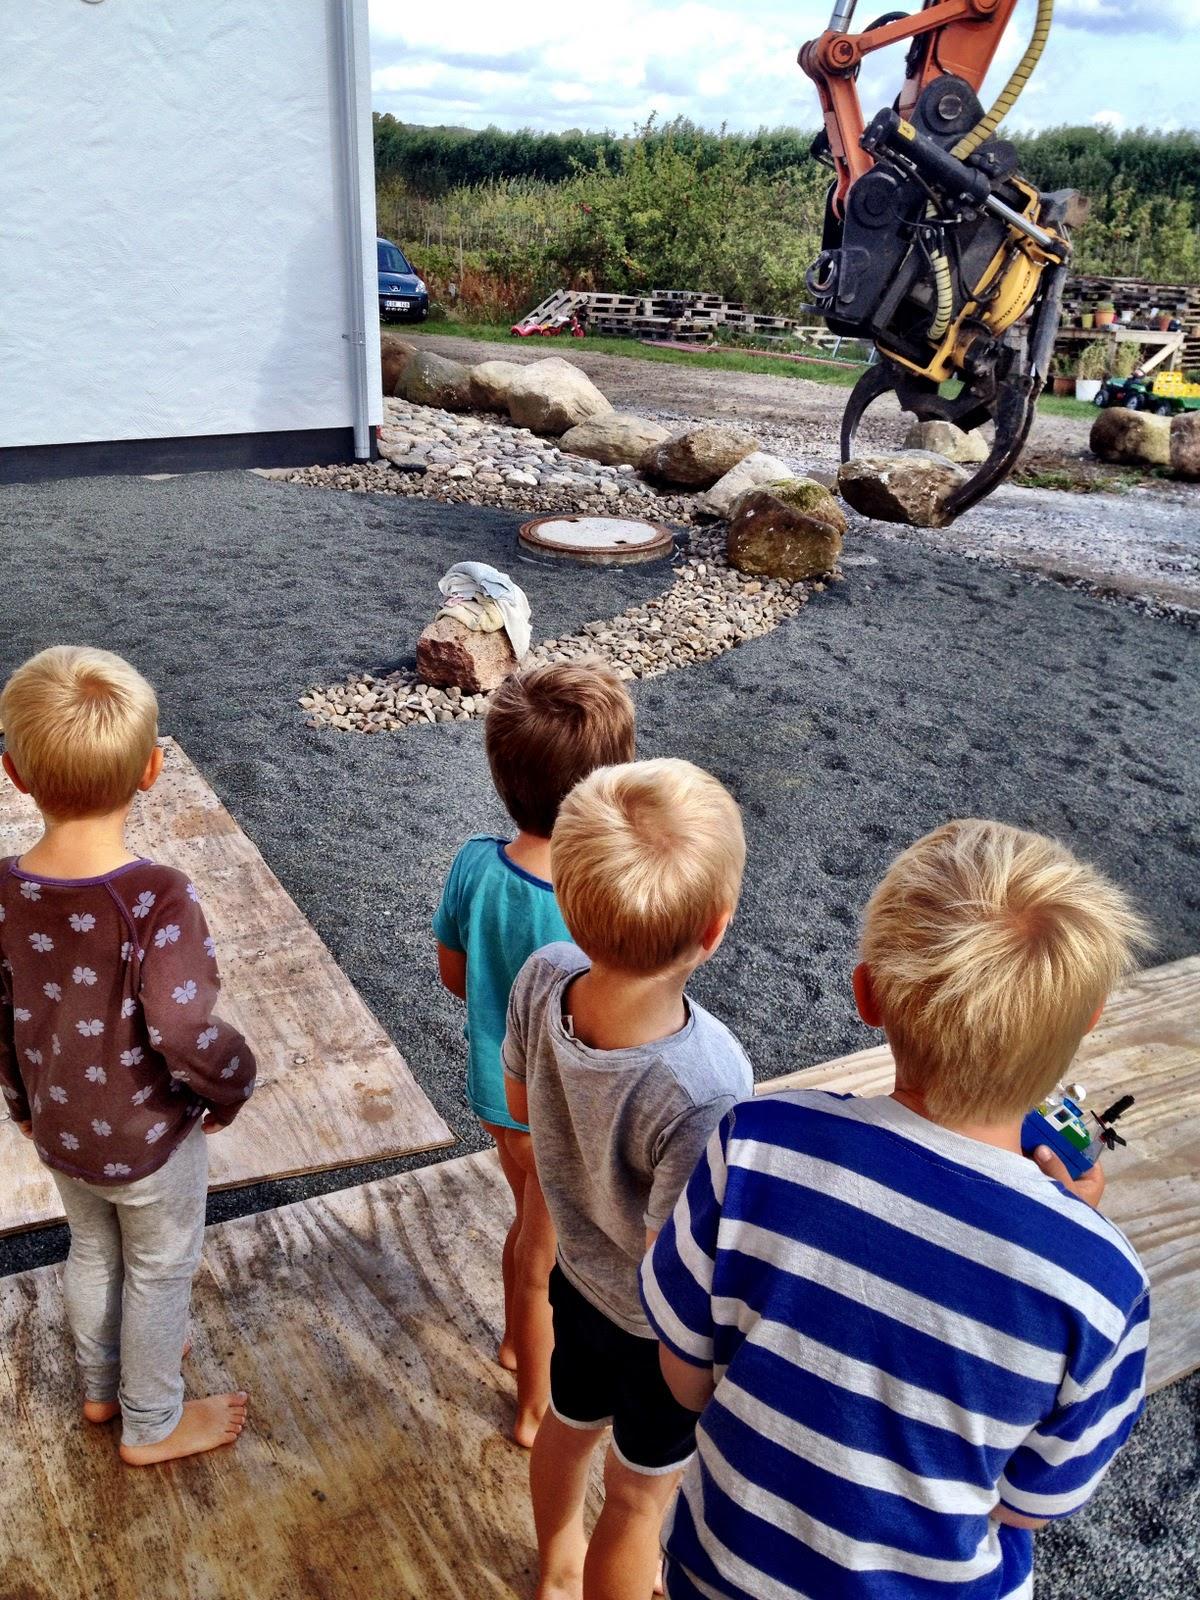 Villa Natura ekologiskt lågenergihus Österlen projektledare sten mur staket